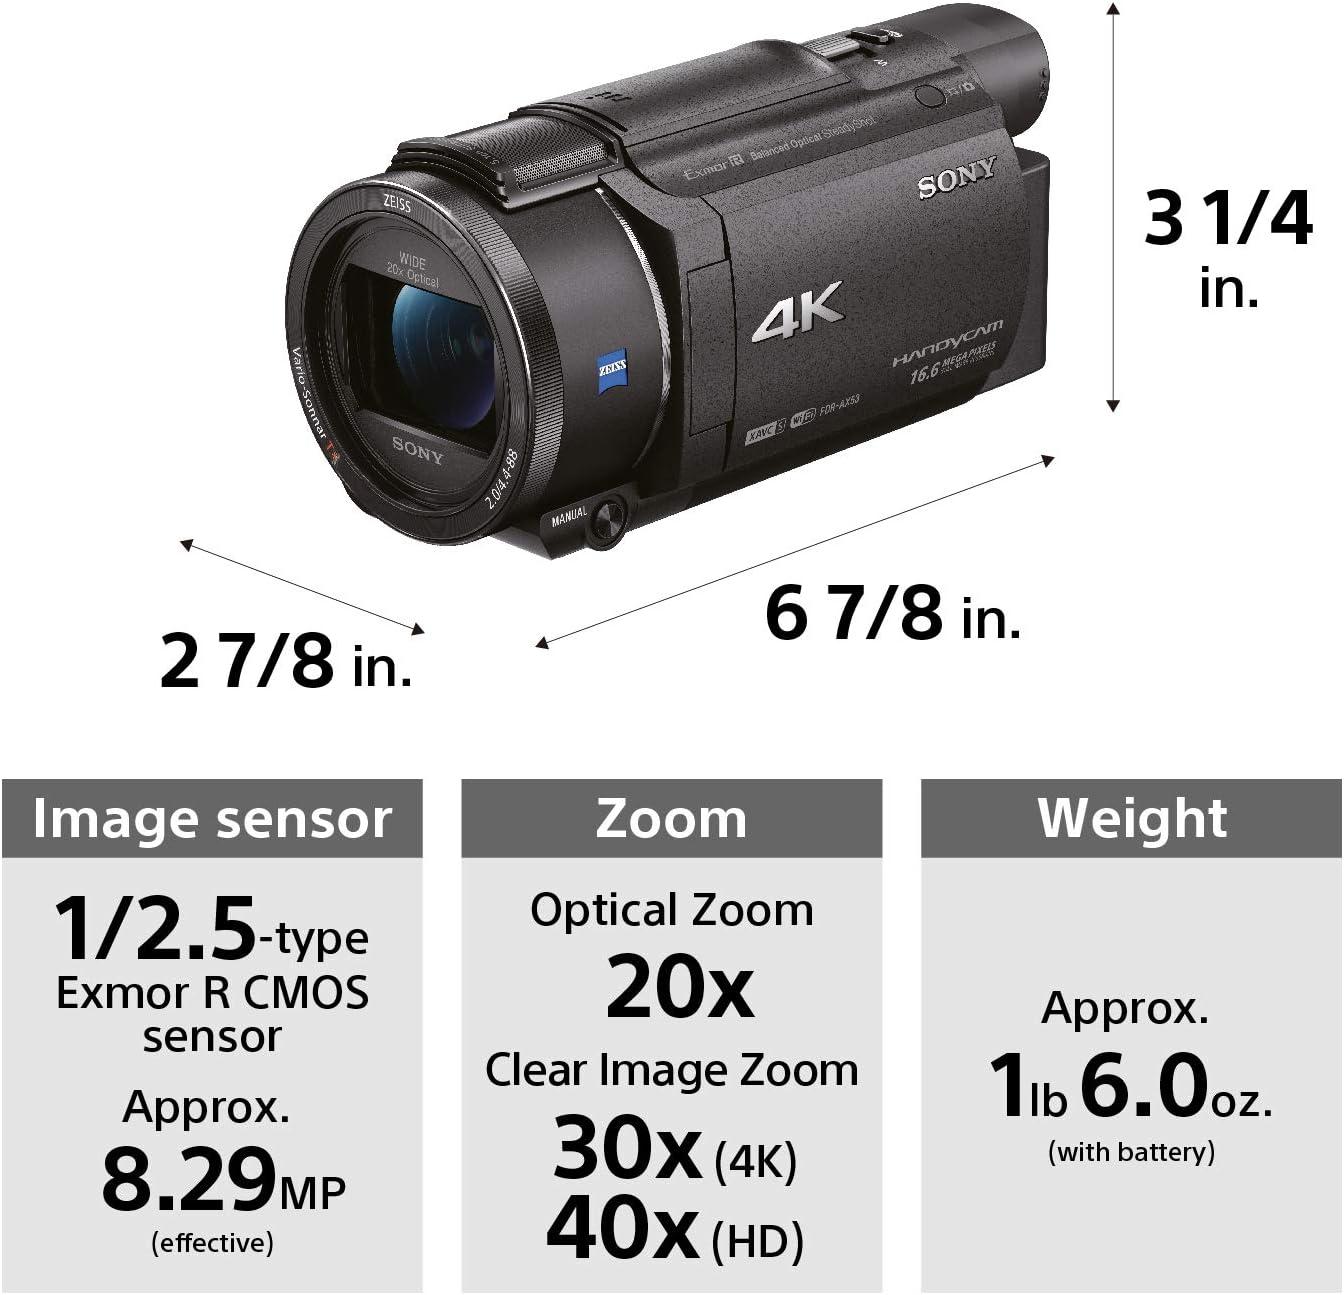 Sony FDRAX53 Build Quality